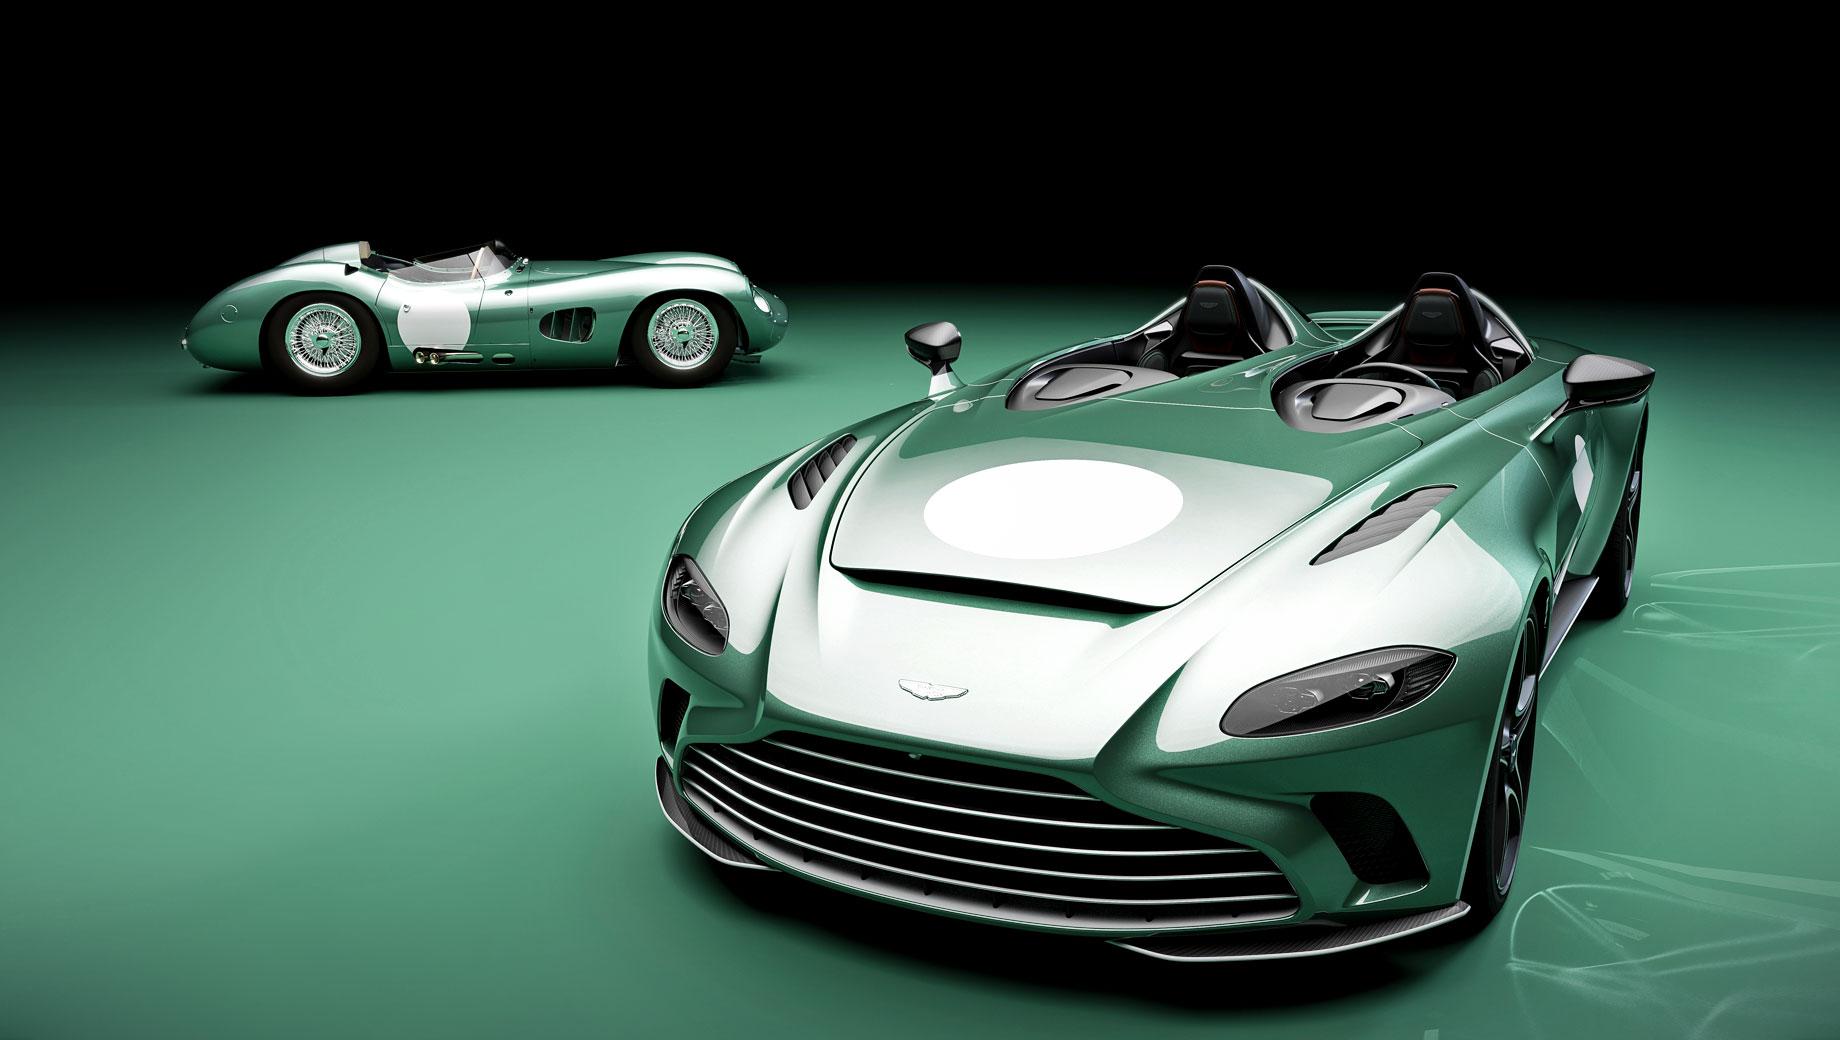 Aston martin v12 speedster. Двухдверка DBR1 образца 1956 года построена в пяти экземплярах и считается самым успешным гоночным Астоном, ведь на её счету победы в Ле-Мане, Гудвуде и на Нюрбургринге. Рядная «шестёрка» объёмом 2992 «кубика» с пятиступенчатой «механикой» разгоняет DBR1 массой 801 кг до 241 км/ч.